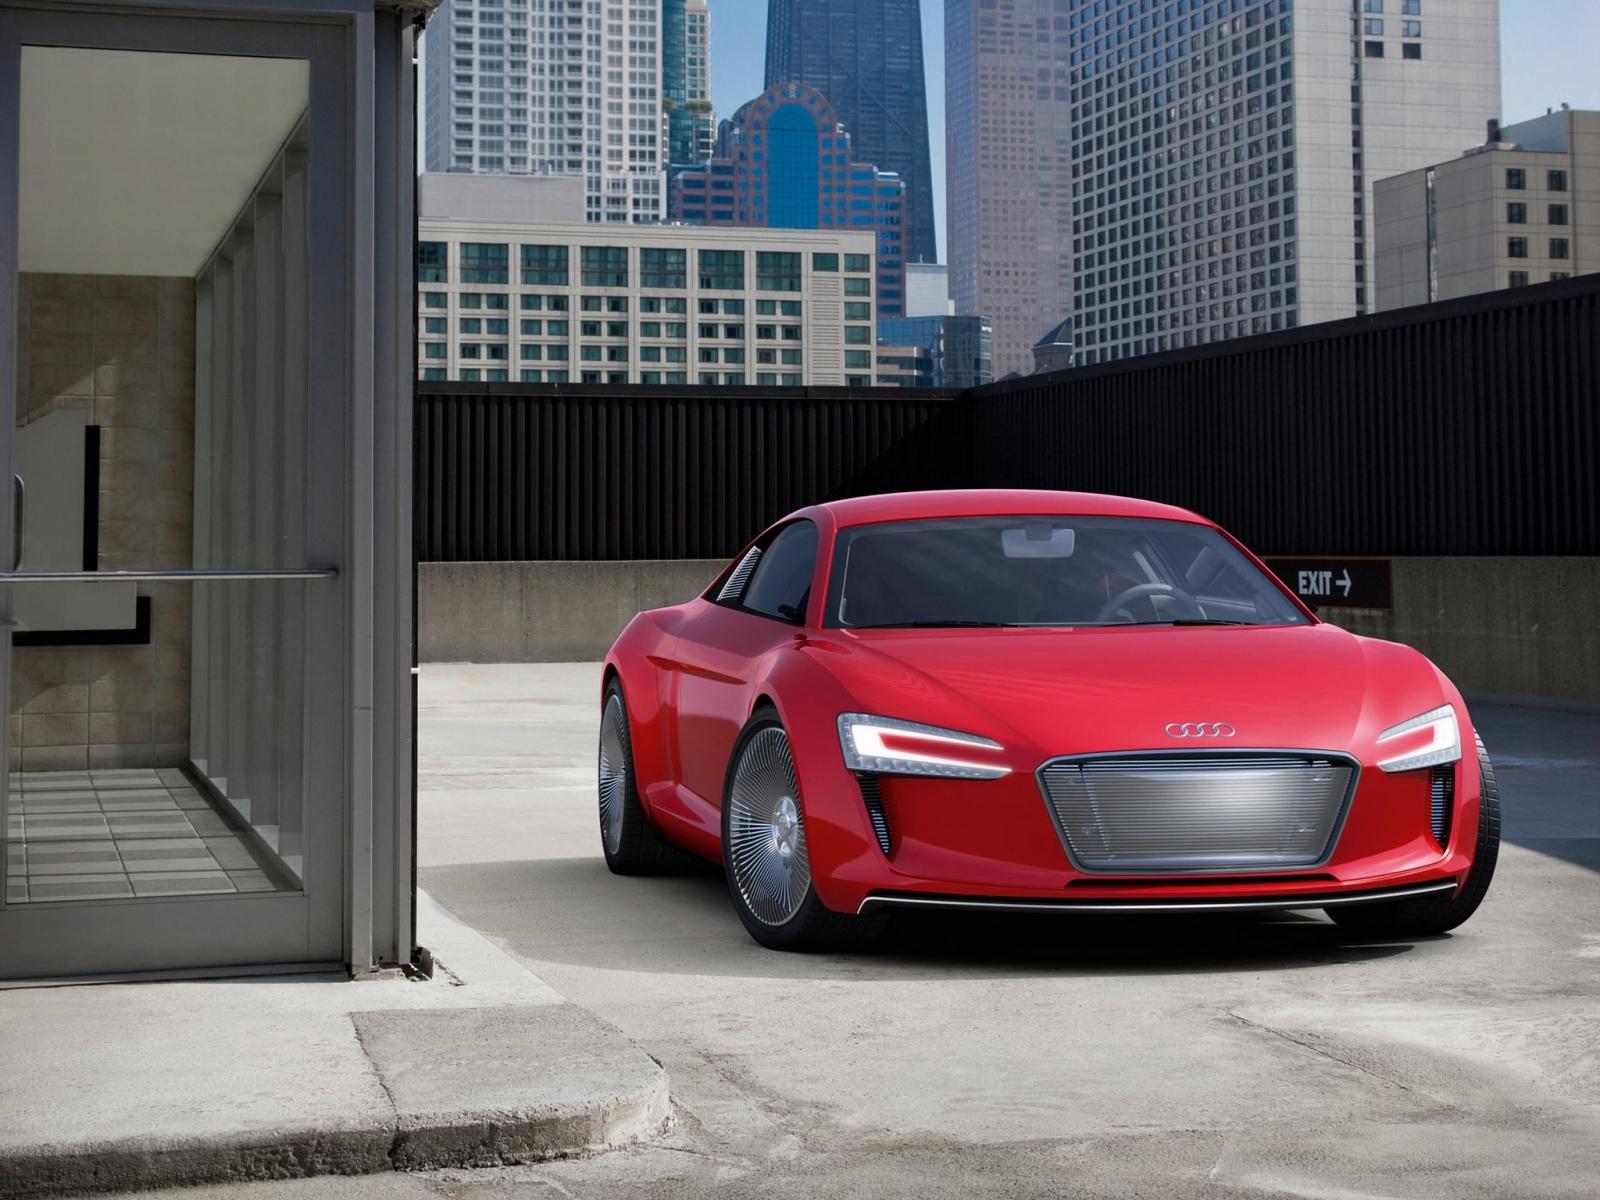 2468 скачать обои Транспорт, Машины, Ауди (Audi) - заставки и картинки бесплатно